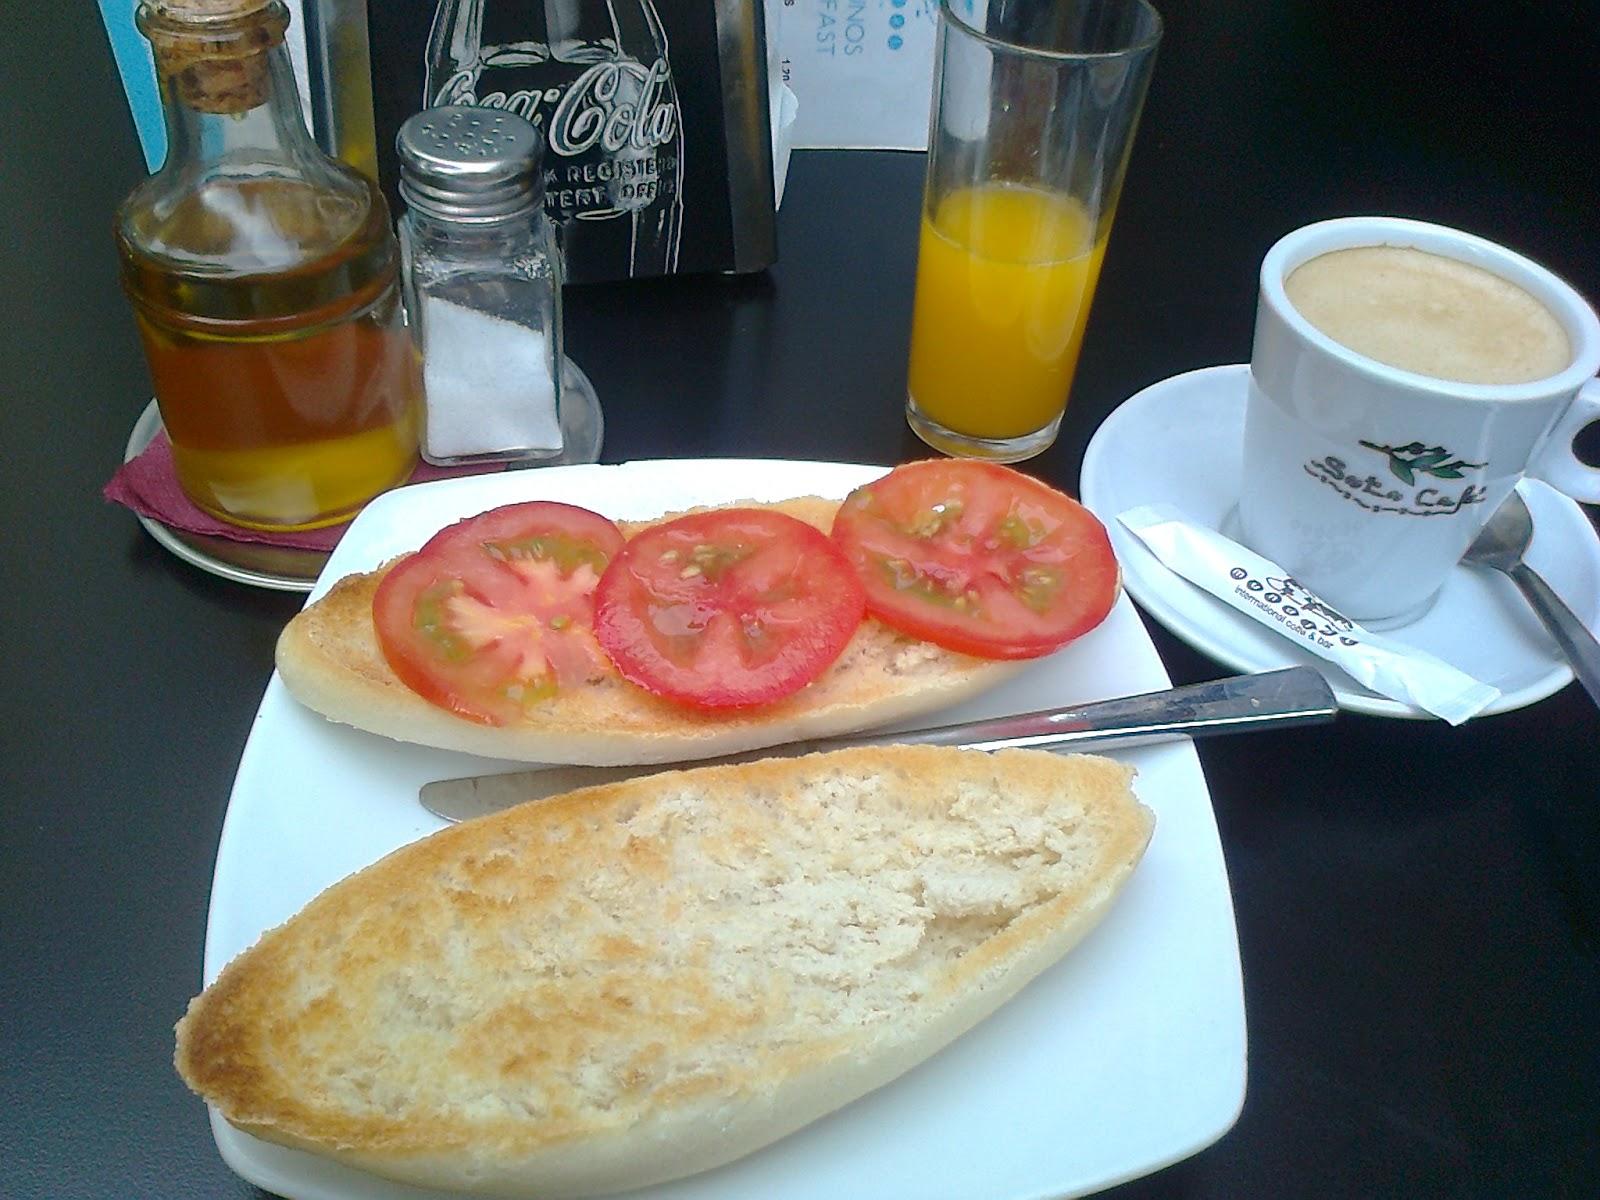 Miércoles, despues de la fiesta de D. Gato no tenemos desayuno-http://2.bp.blogspot.com/-odKYfPAeSP4/Ud_U20fZYqI/AAAAAAAABN0/qXrXQKY9_GE/s1600/Foto0891.jpg